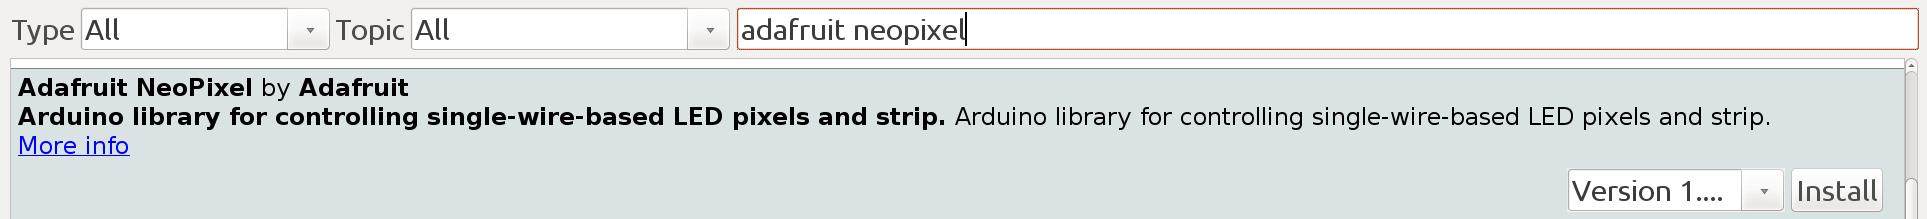 trinket_neopixel.png